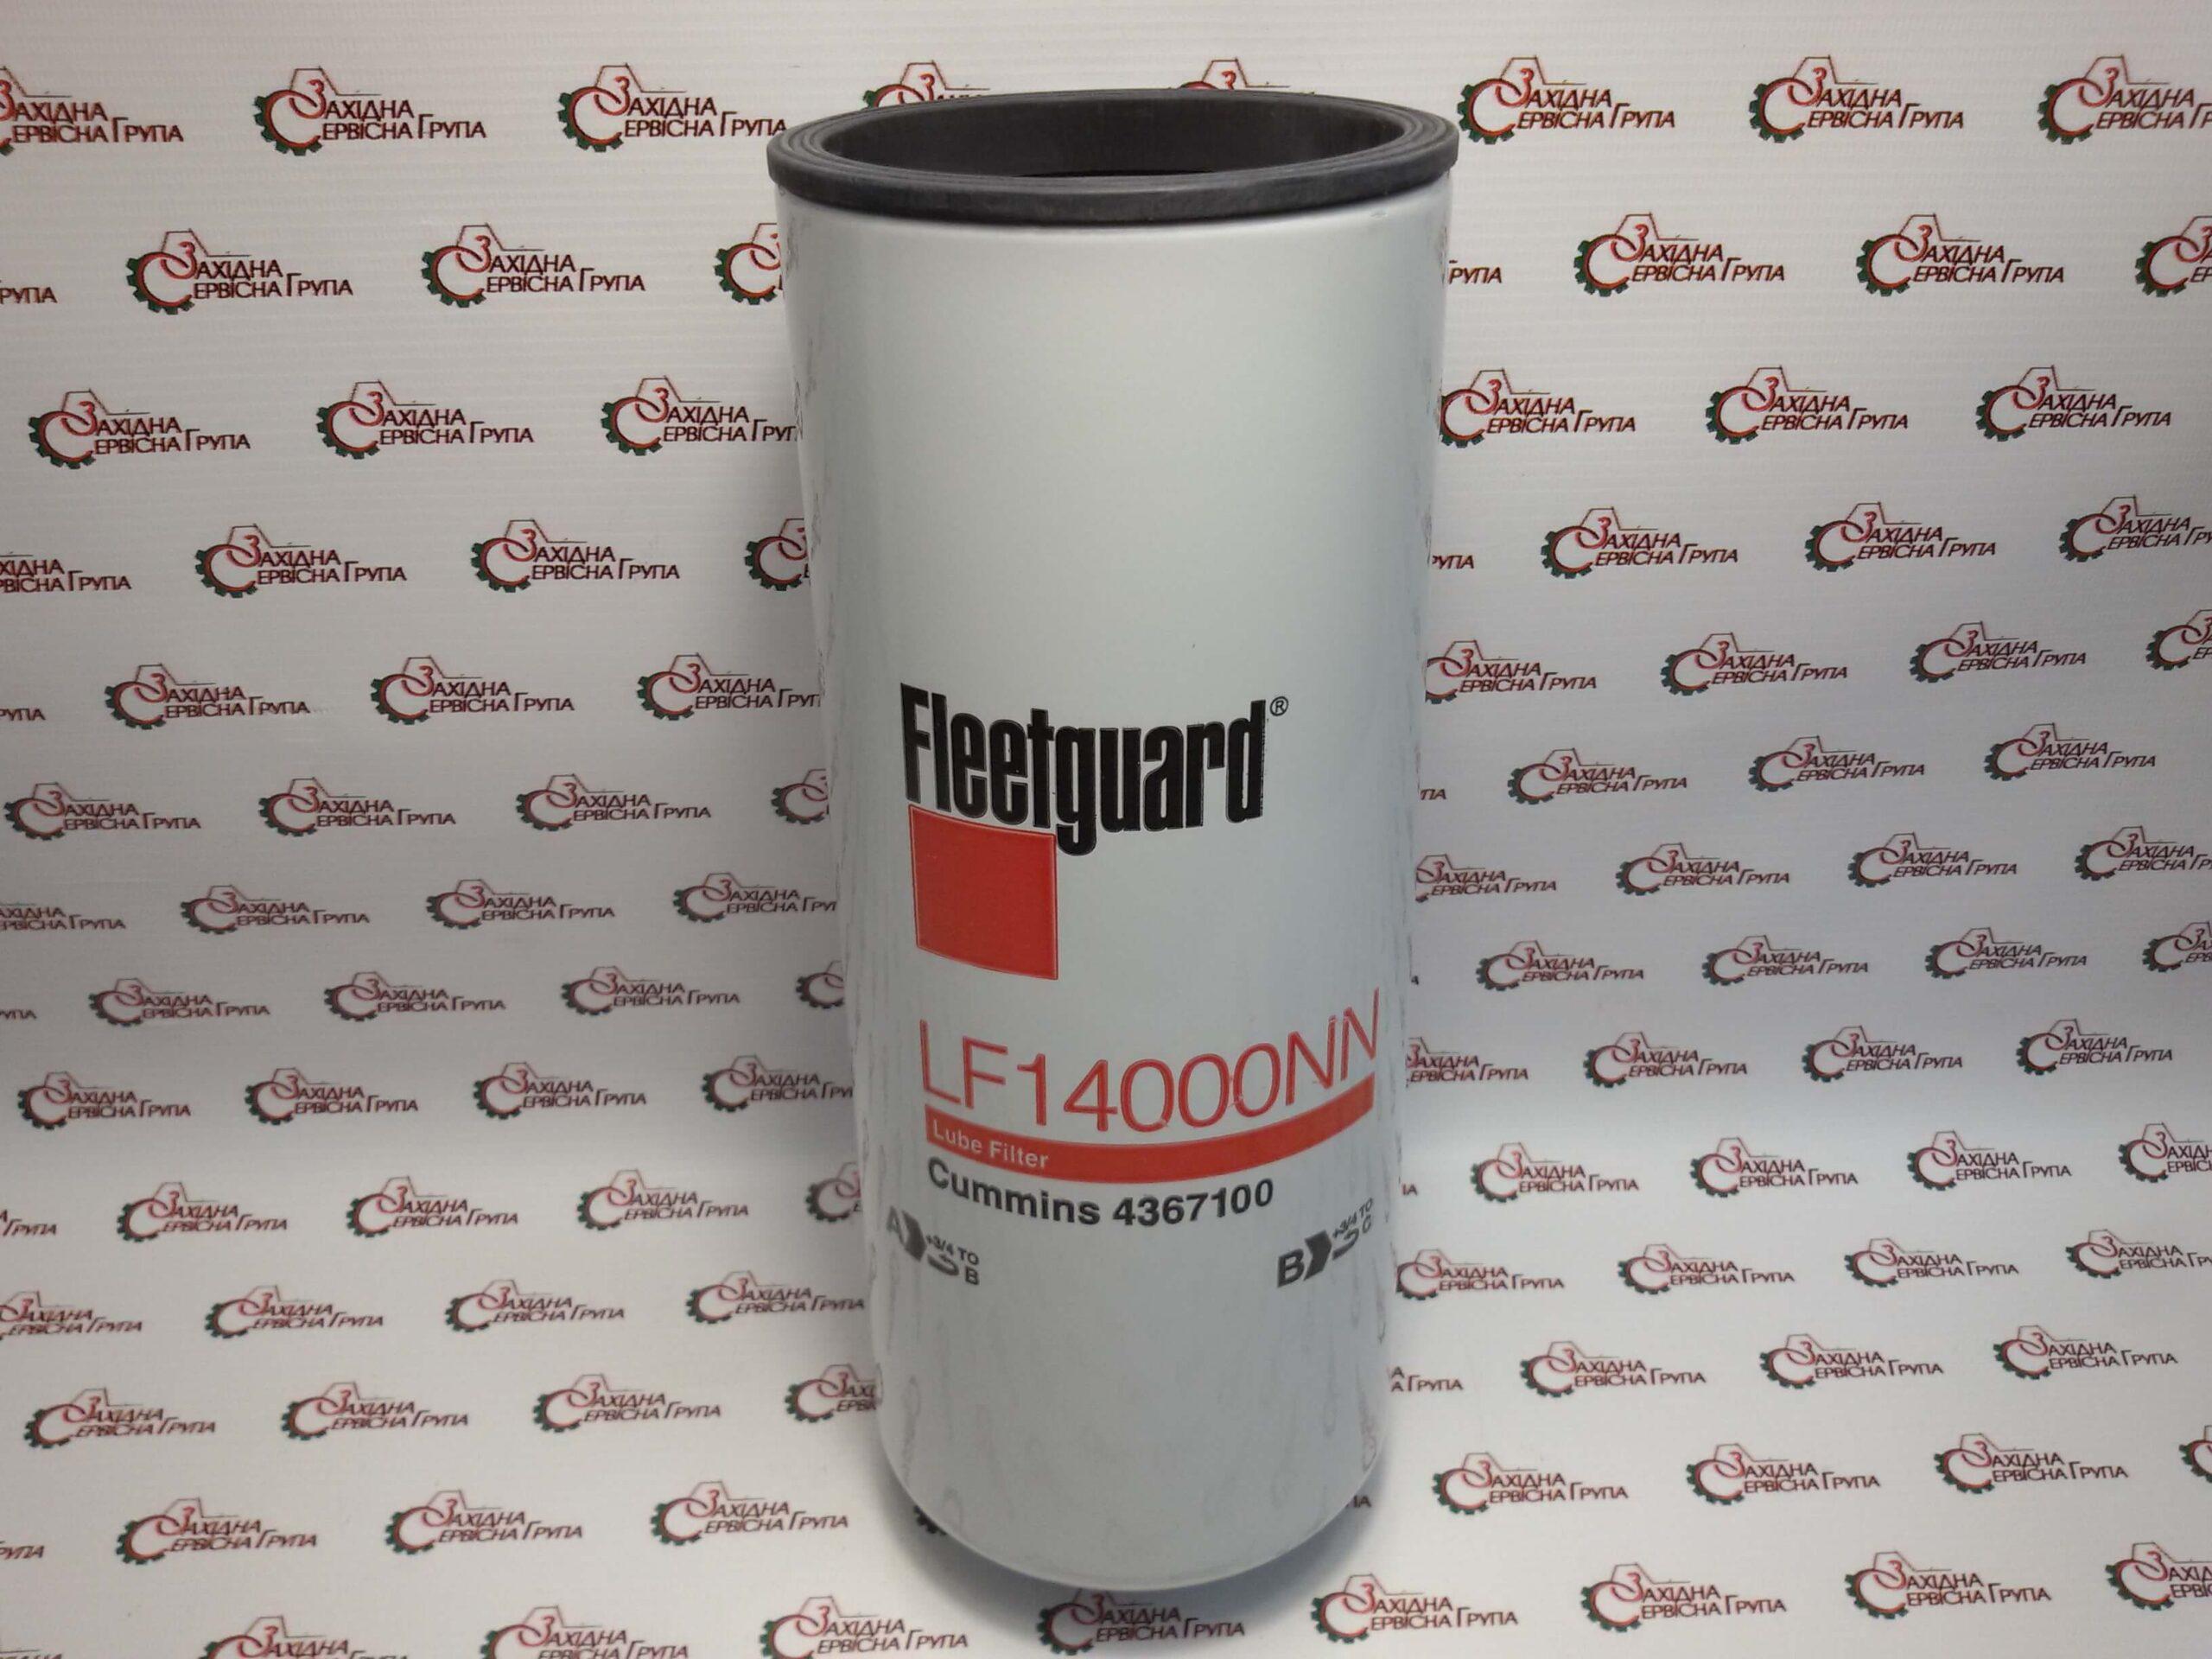 Фільтр масляний Cummins, Fleetguard, LF14000NN, 4367100.